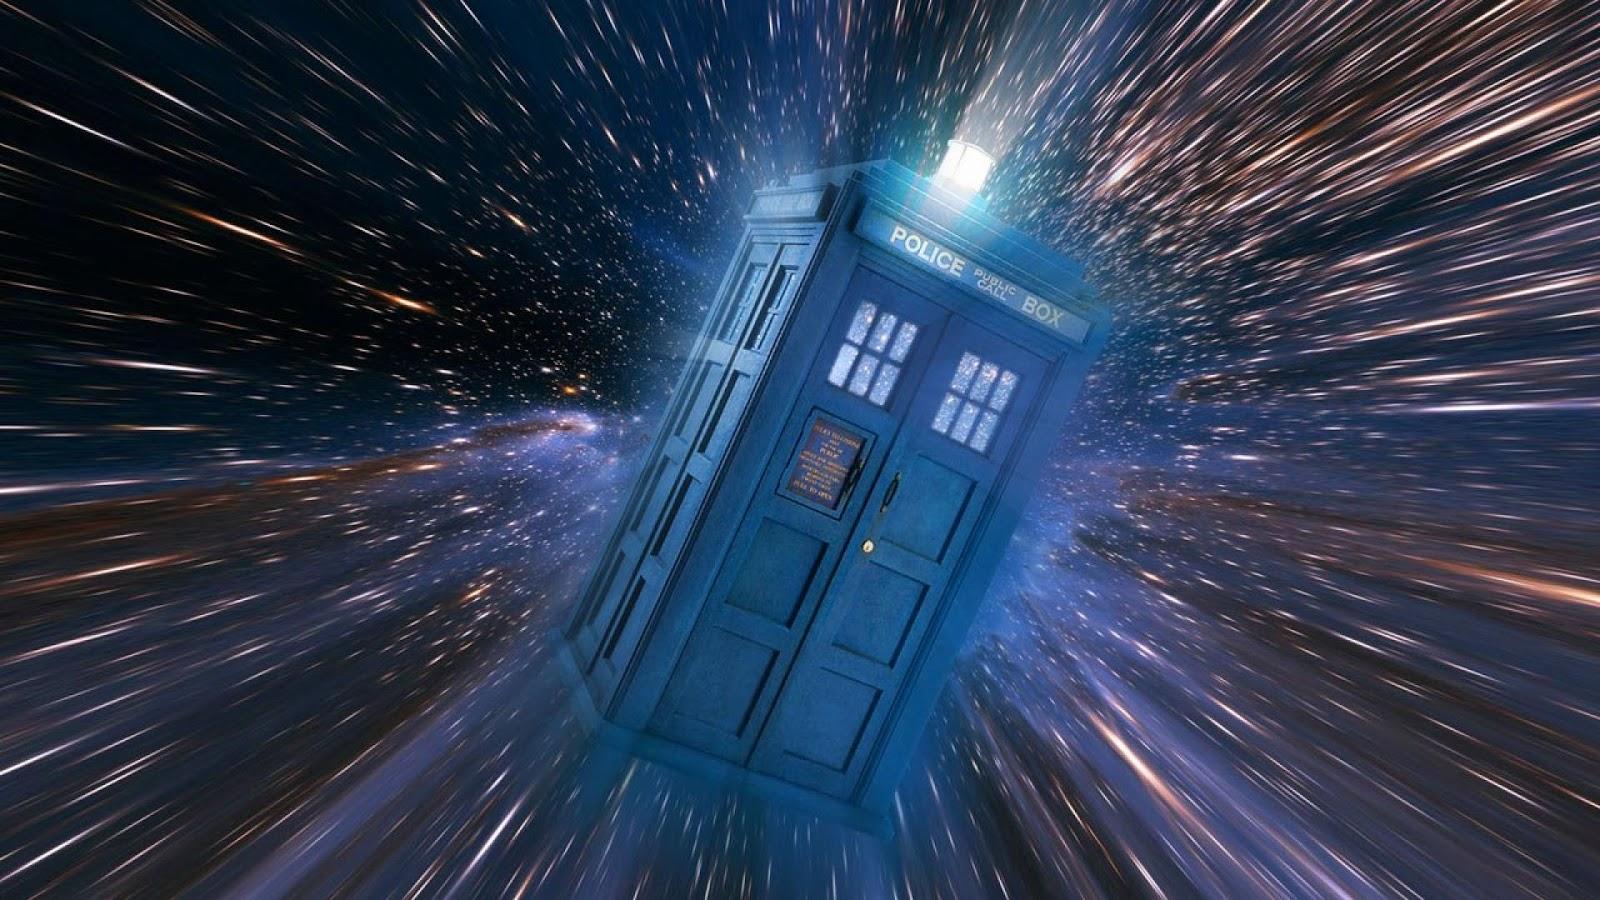 Hình minh họa từ chương trình truyền hình Doctor Who.